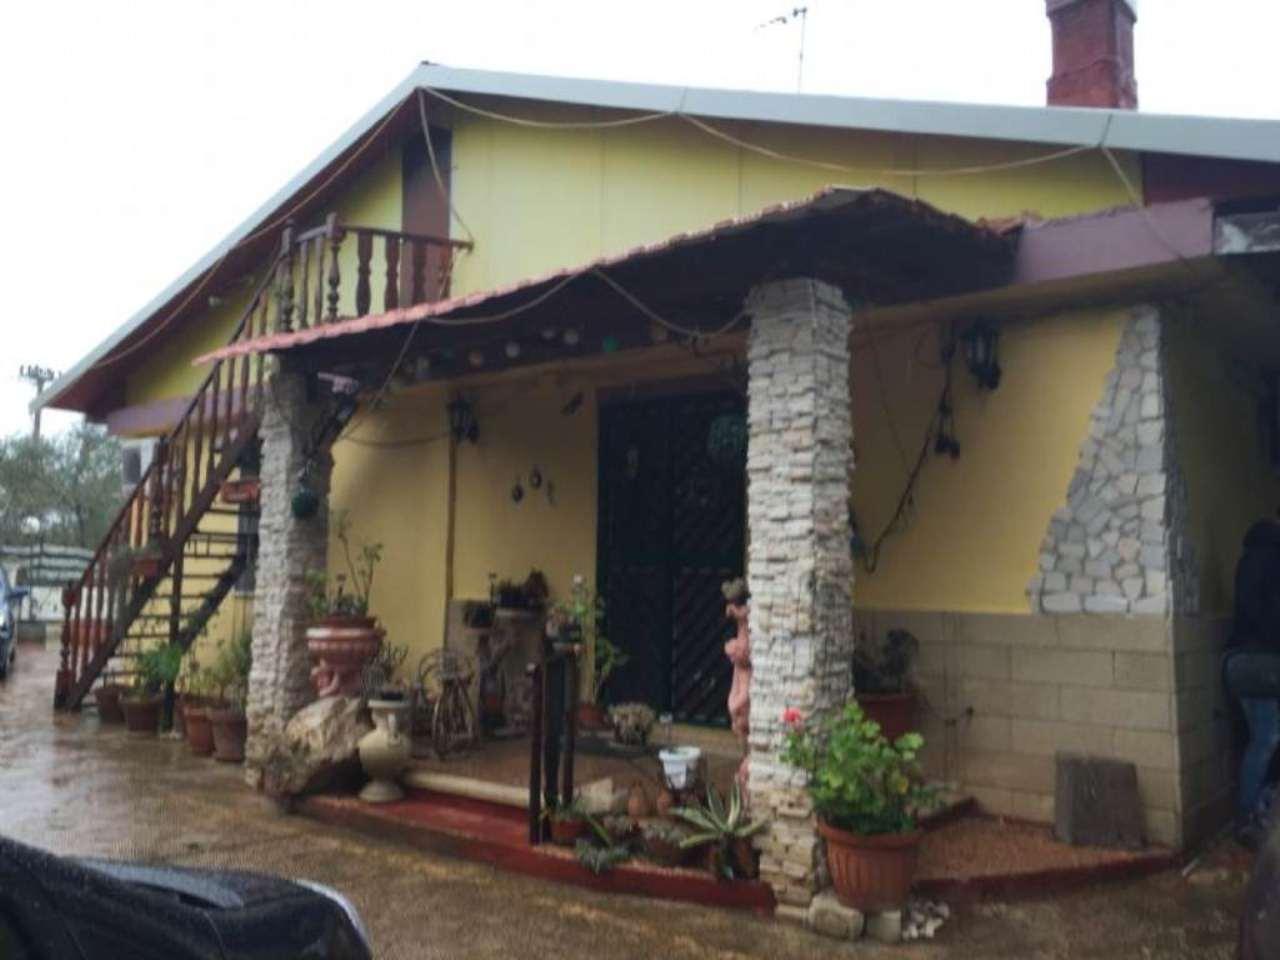 Villa in vendita a Modugno, 3 locali, prezzo € 135.000 | Cambio Casa.it